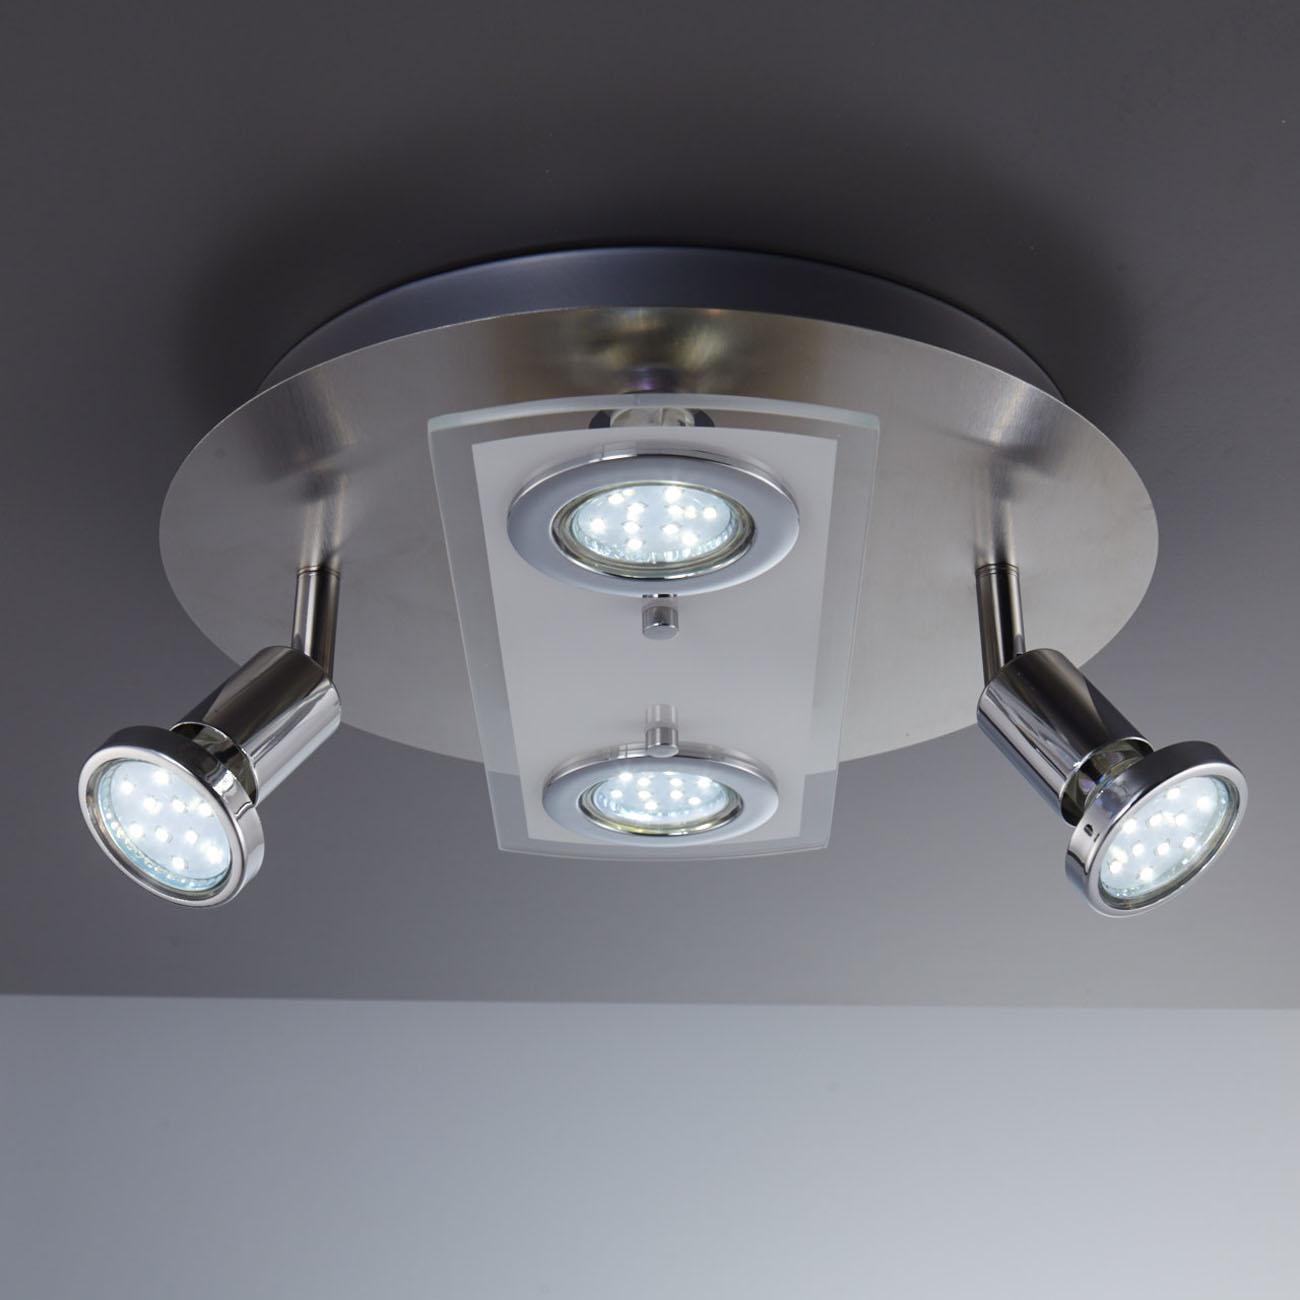 LED Kombi Deckenleuchte Spotleuchte 4-flammig rund - 5